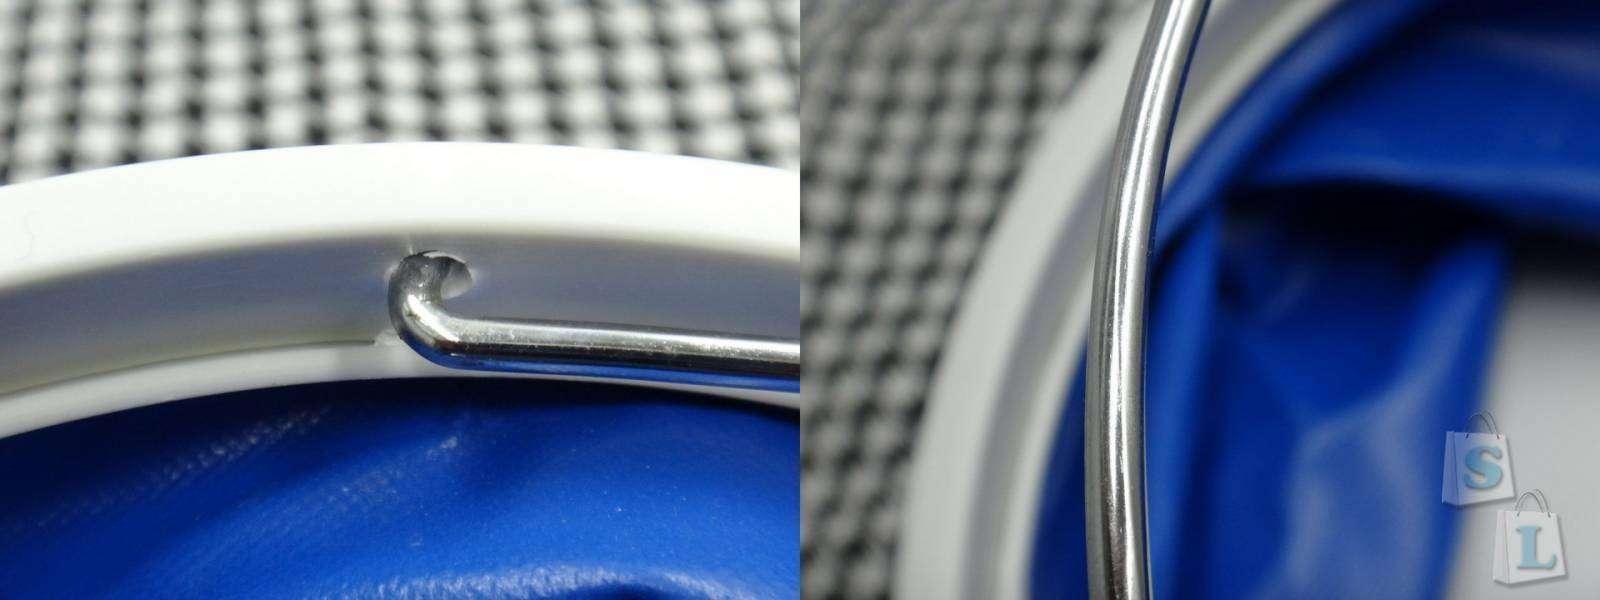 DD4: Складное ведерко Foldaway на 8(9) литров обзор